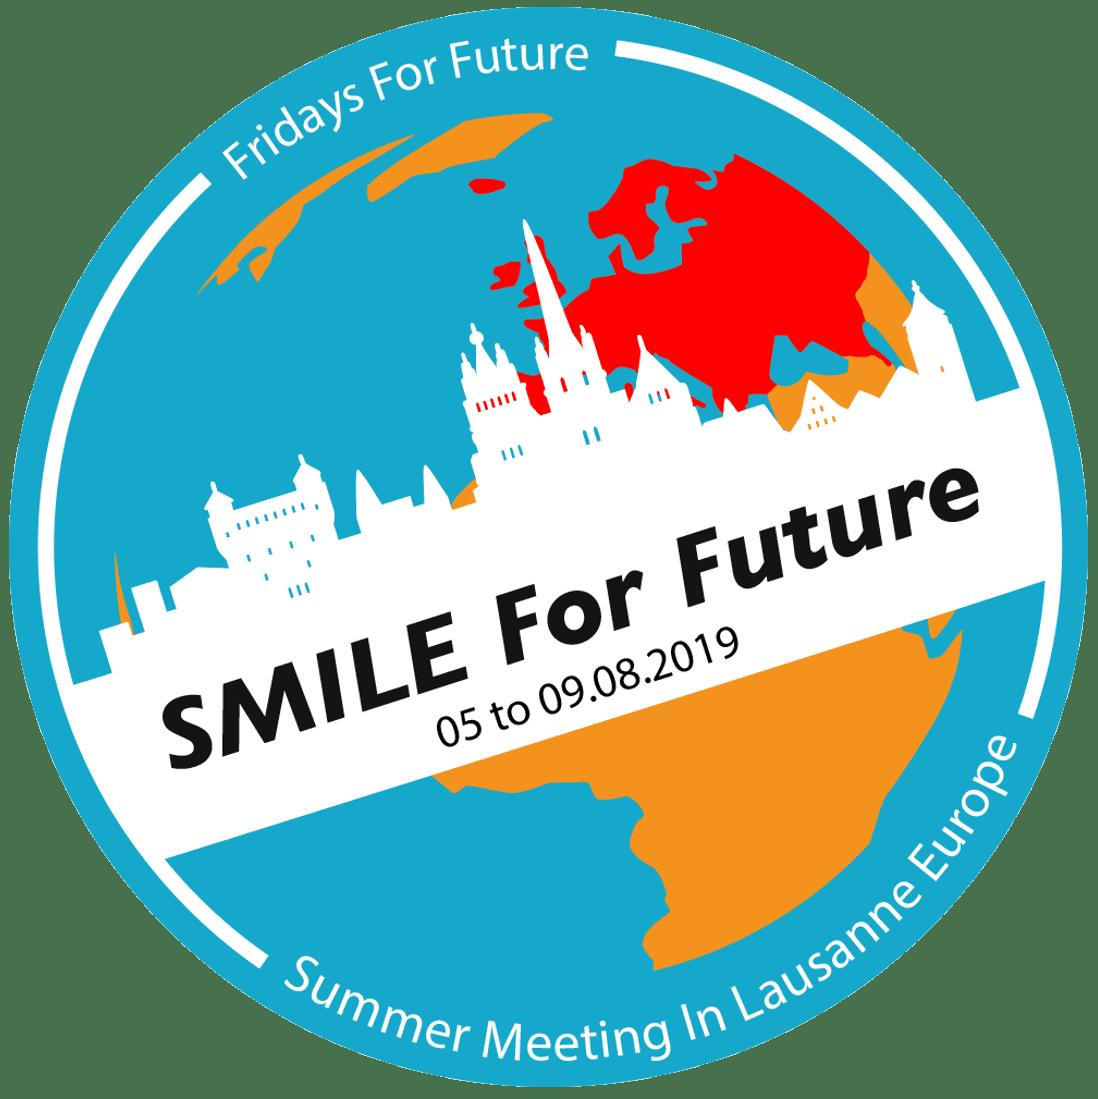 Ifjúsági Éghajlati Csúcstalálkozó az EU politikai döntéshozóit célozza | ClimeNews